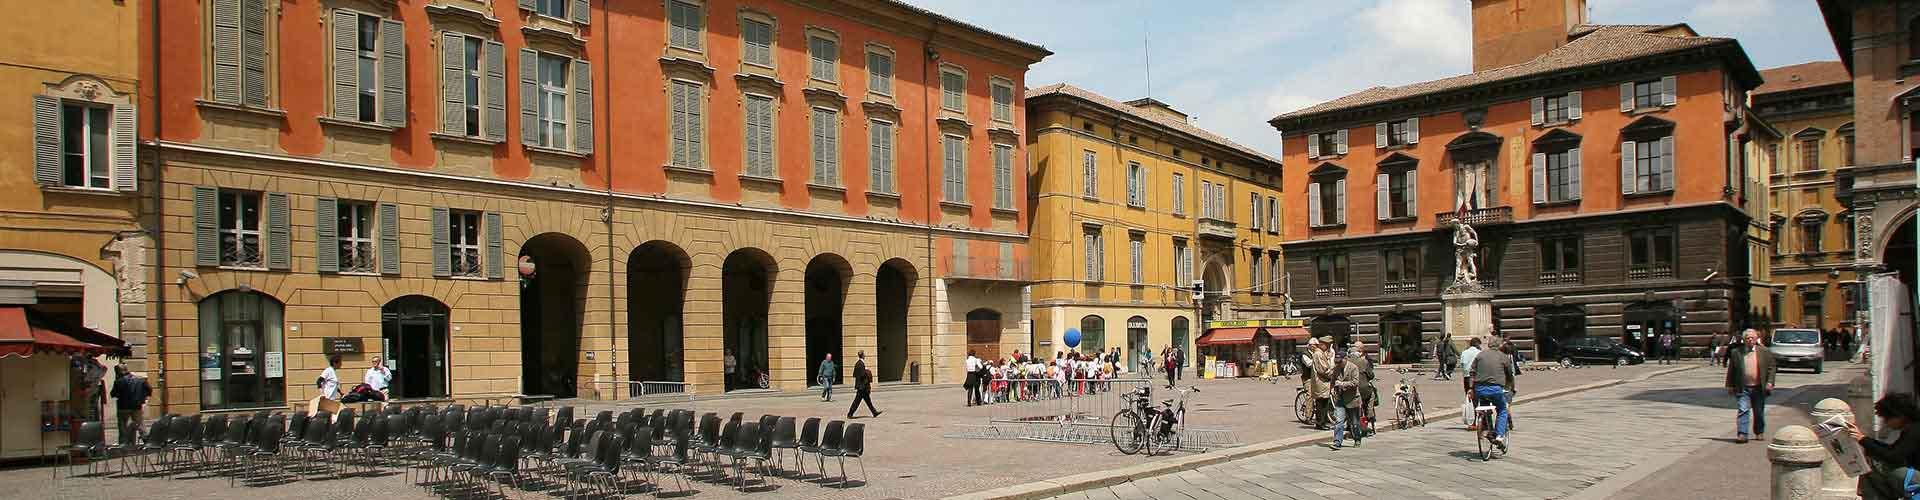 Reggio Emilia - Hôtels à Reggio Emilia. Cartes pour Reggio Emilia, photos et commentaires pour chaque hôtel à Reggio Emilia.